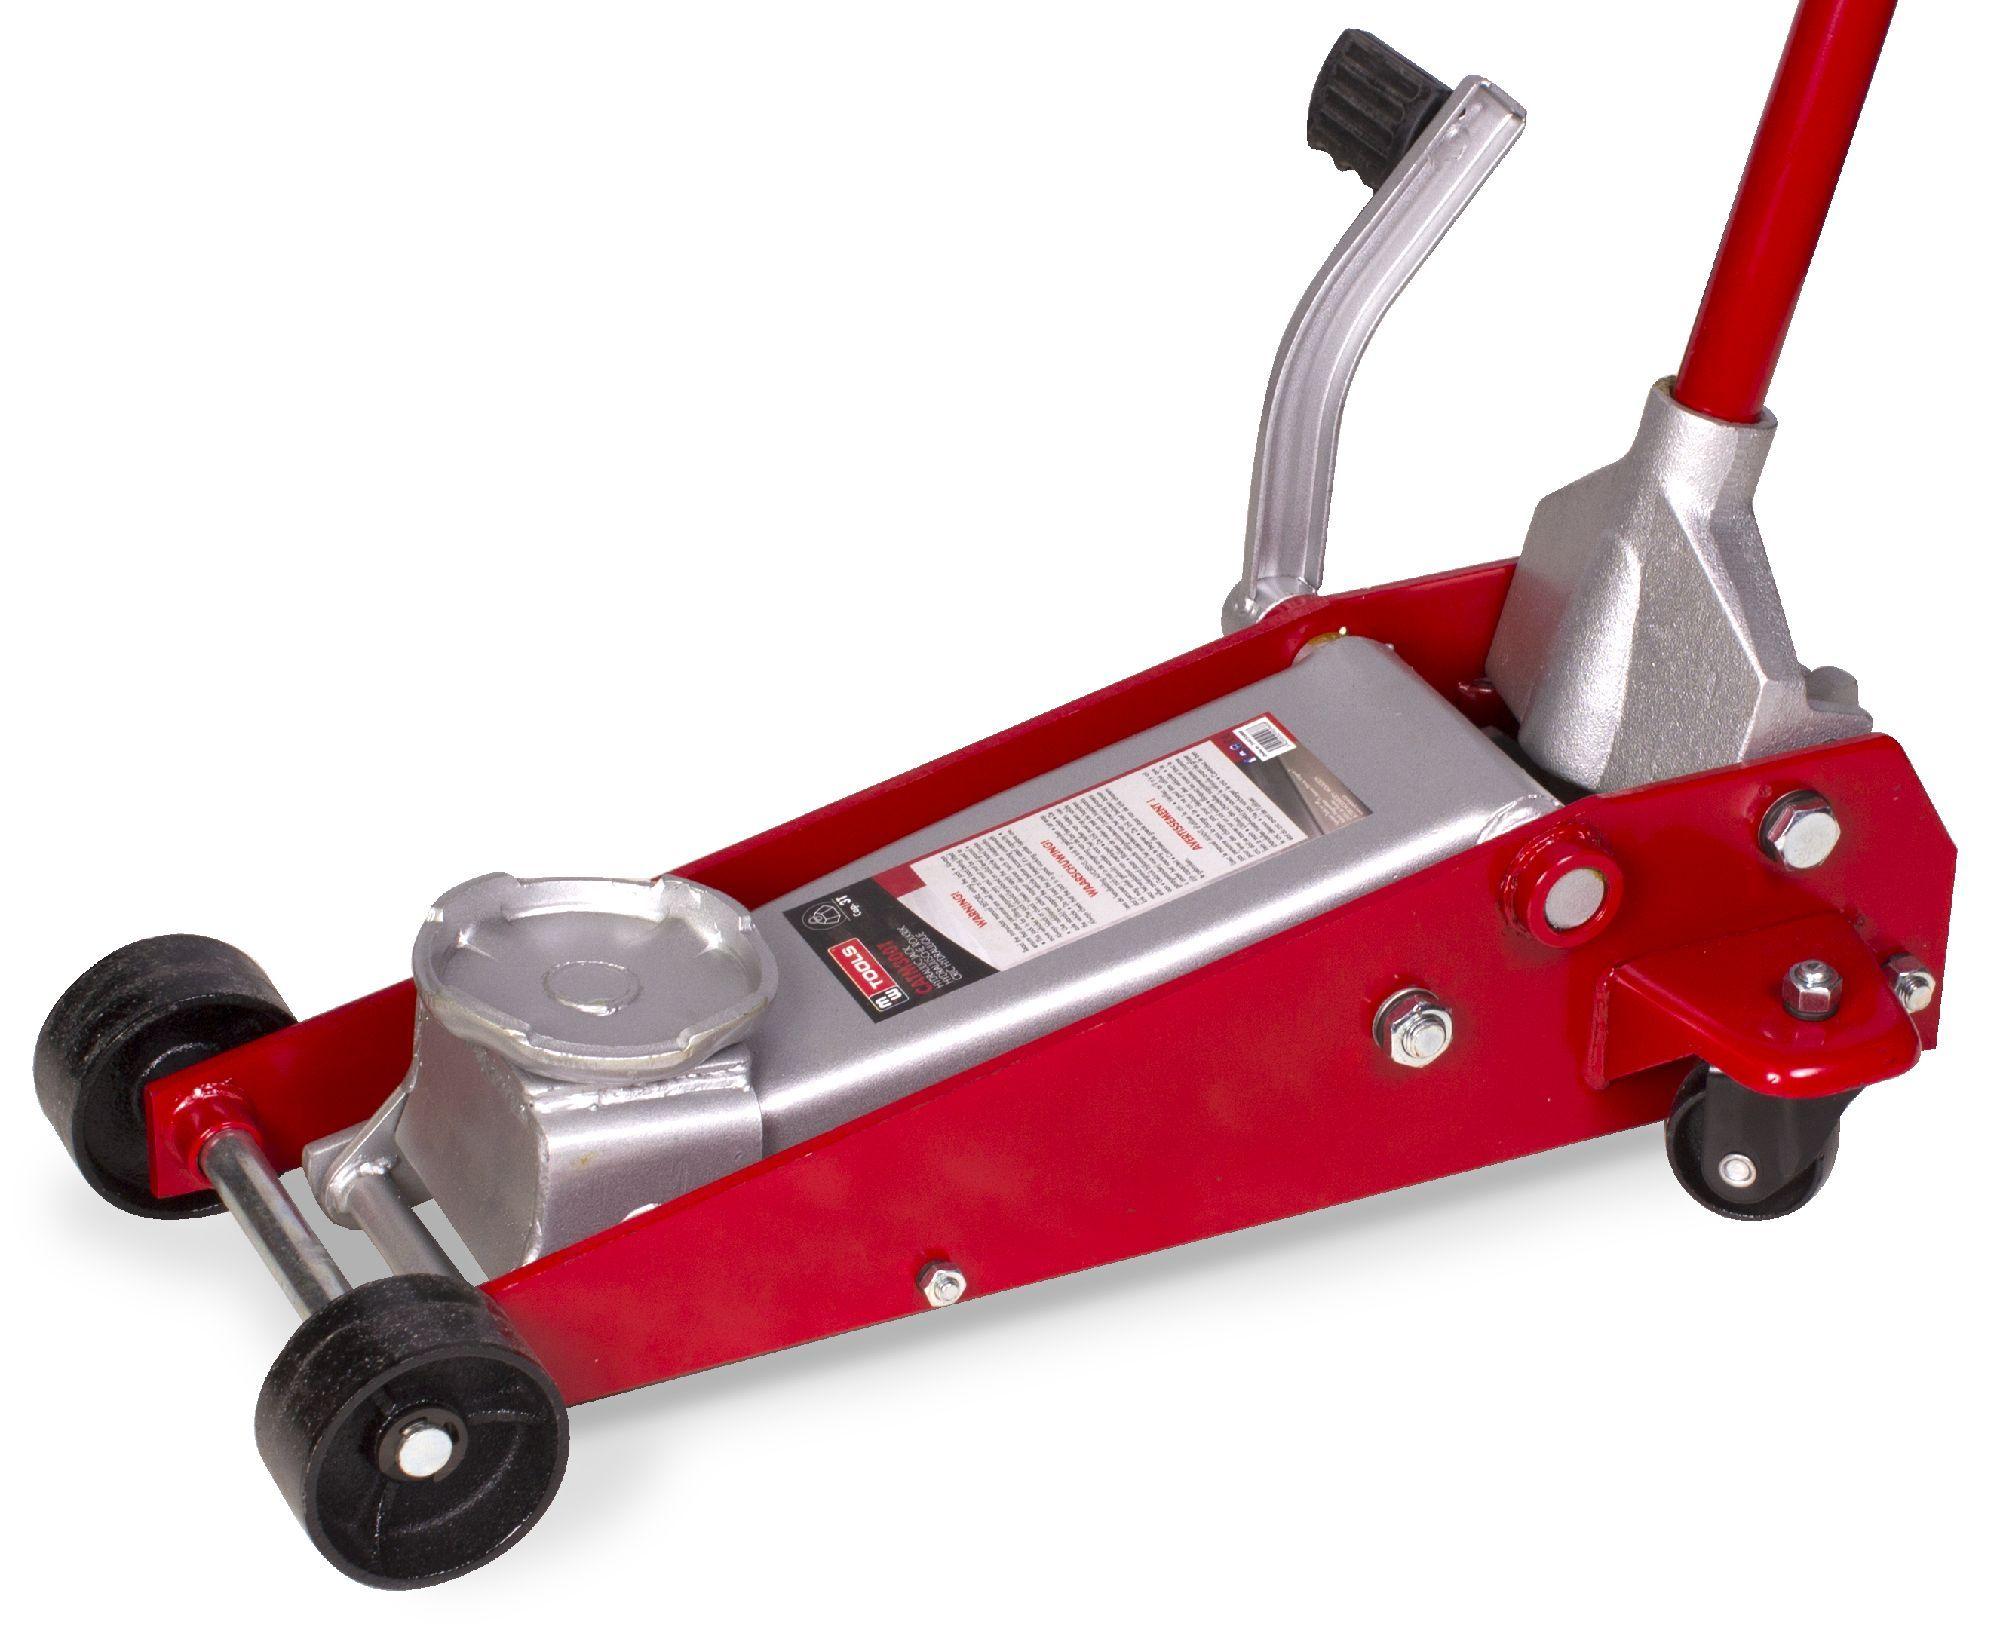 Garage Krik Kopen : Mw tools catm t kopen snelle levering gereedschapcentrum